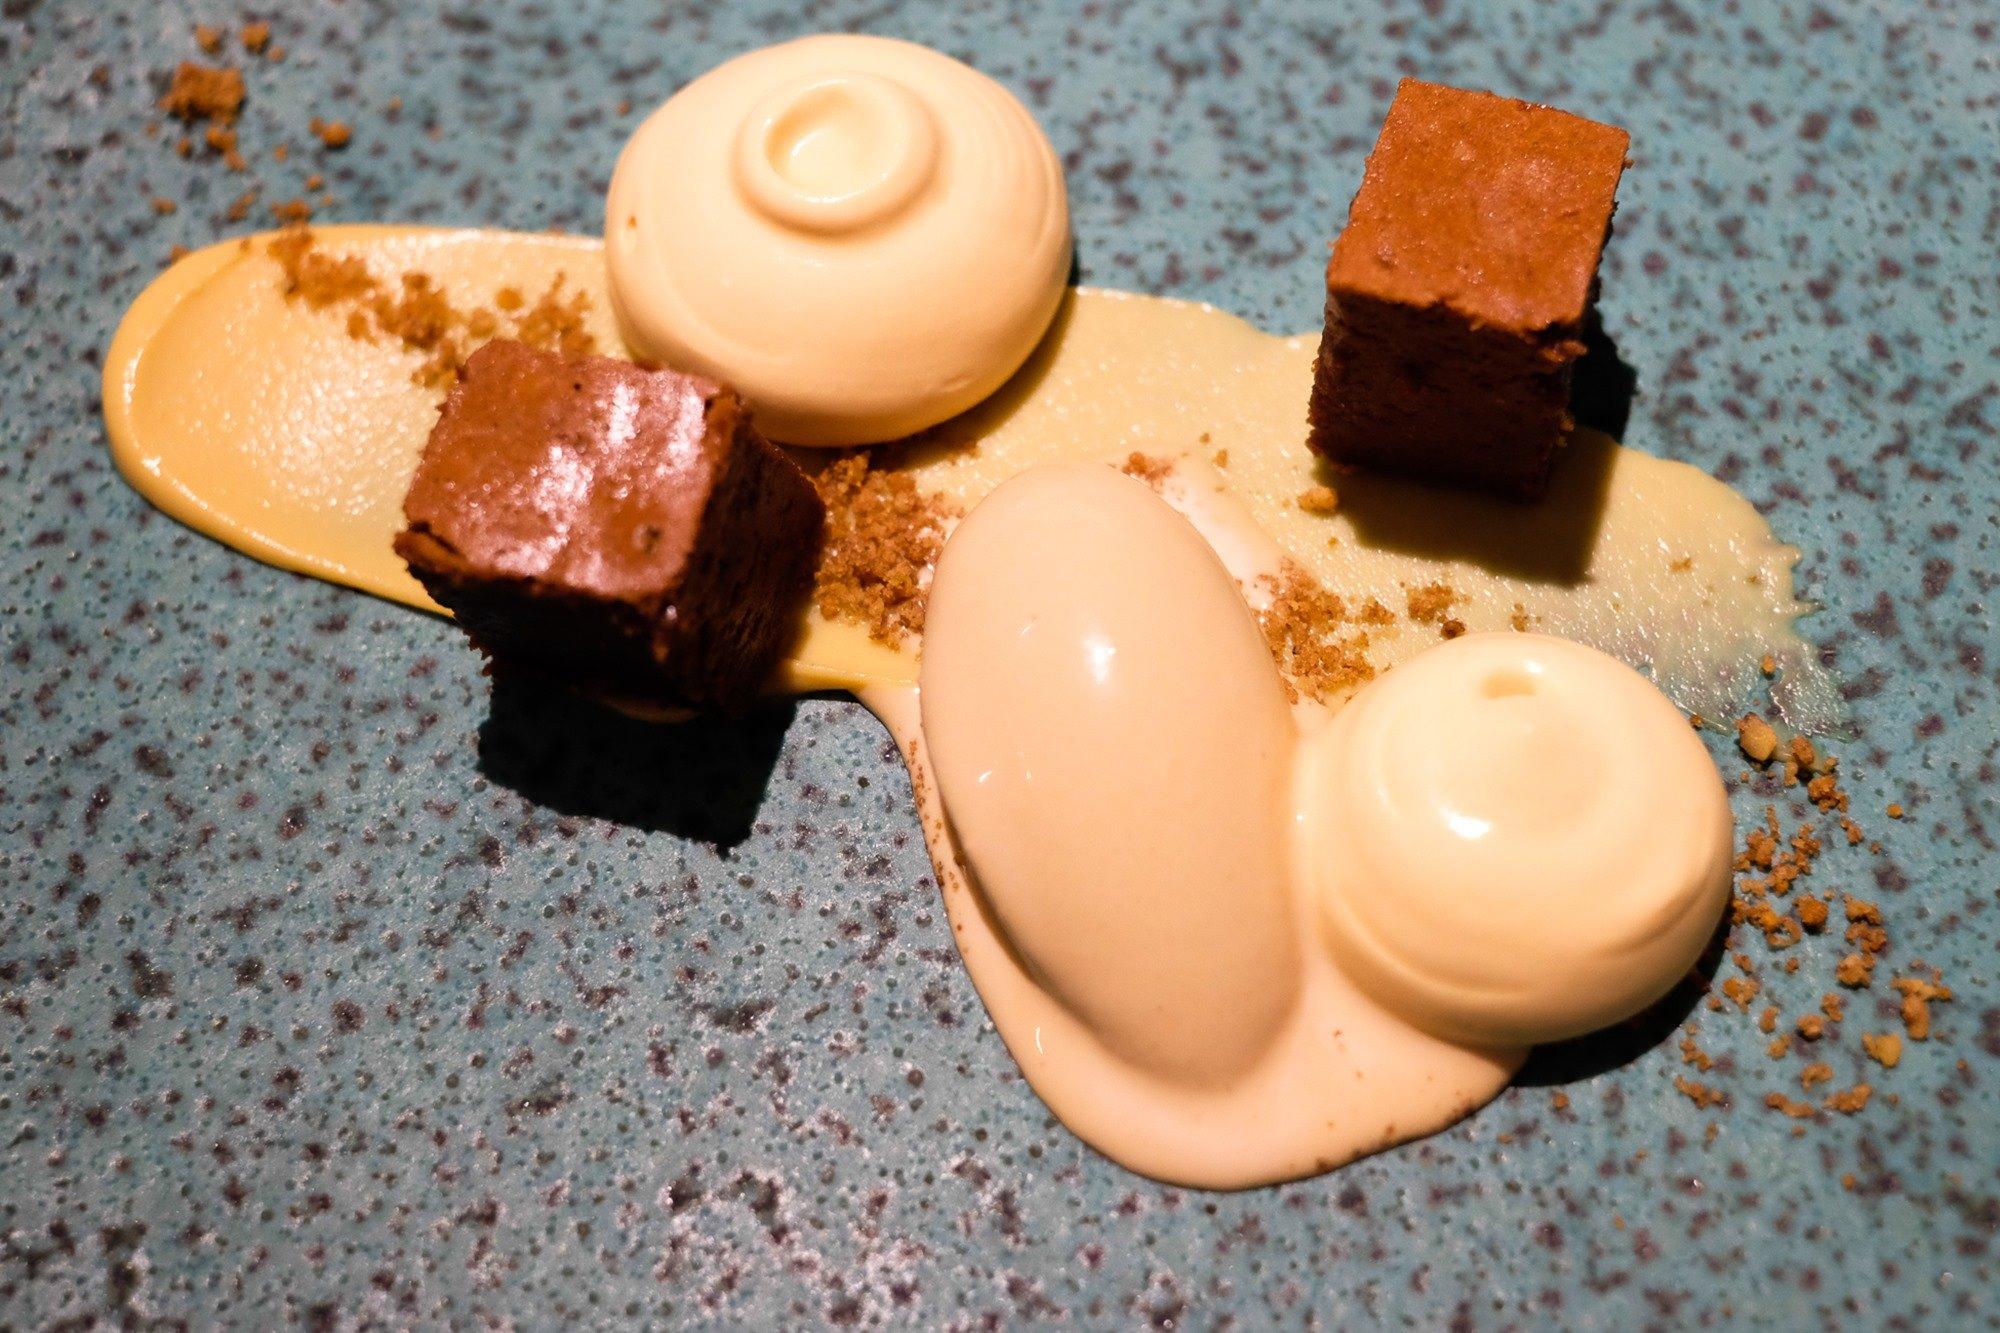 La crema de café con 'brownie' de chocolate es uno de los postres que se pueden probar en 'Nova'.